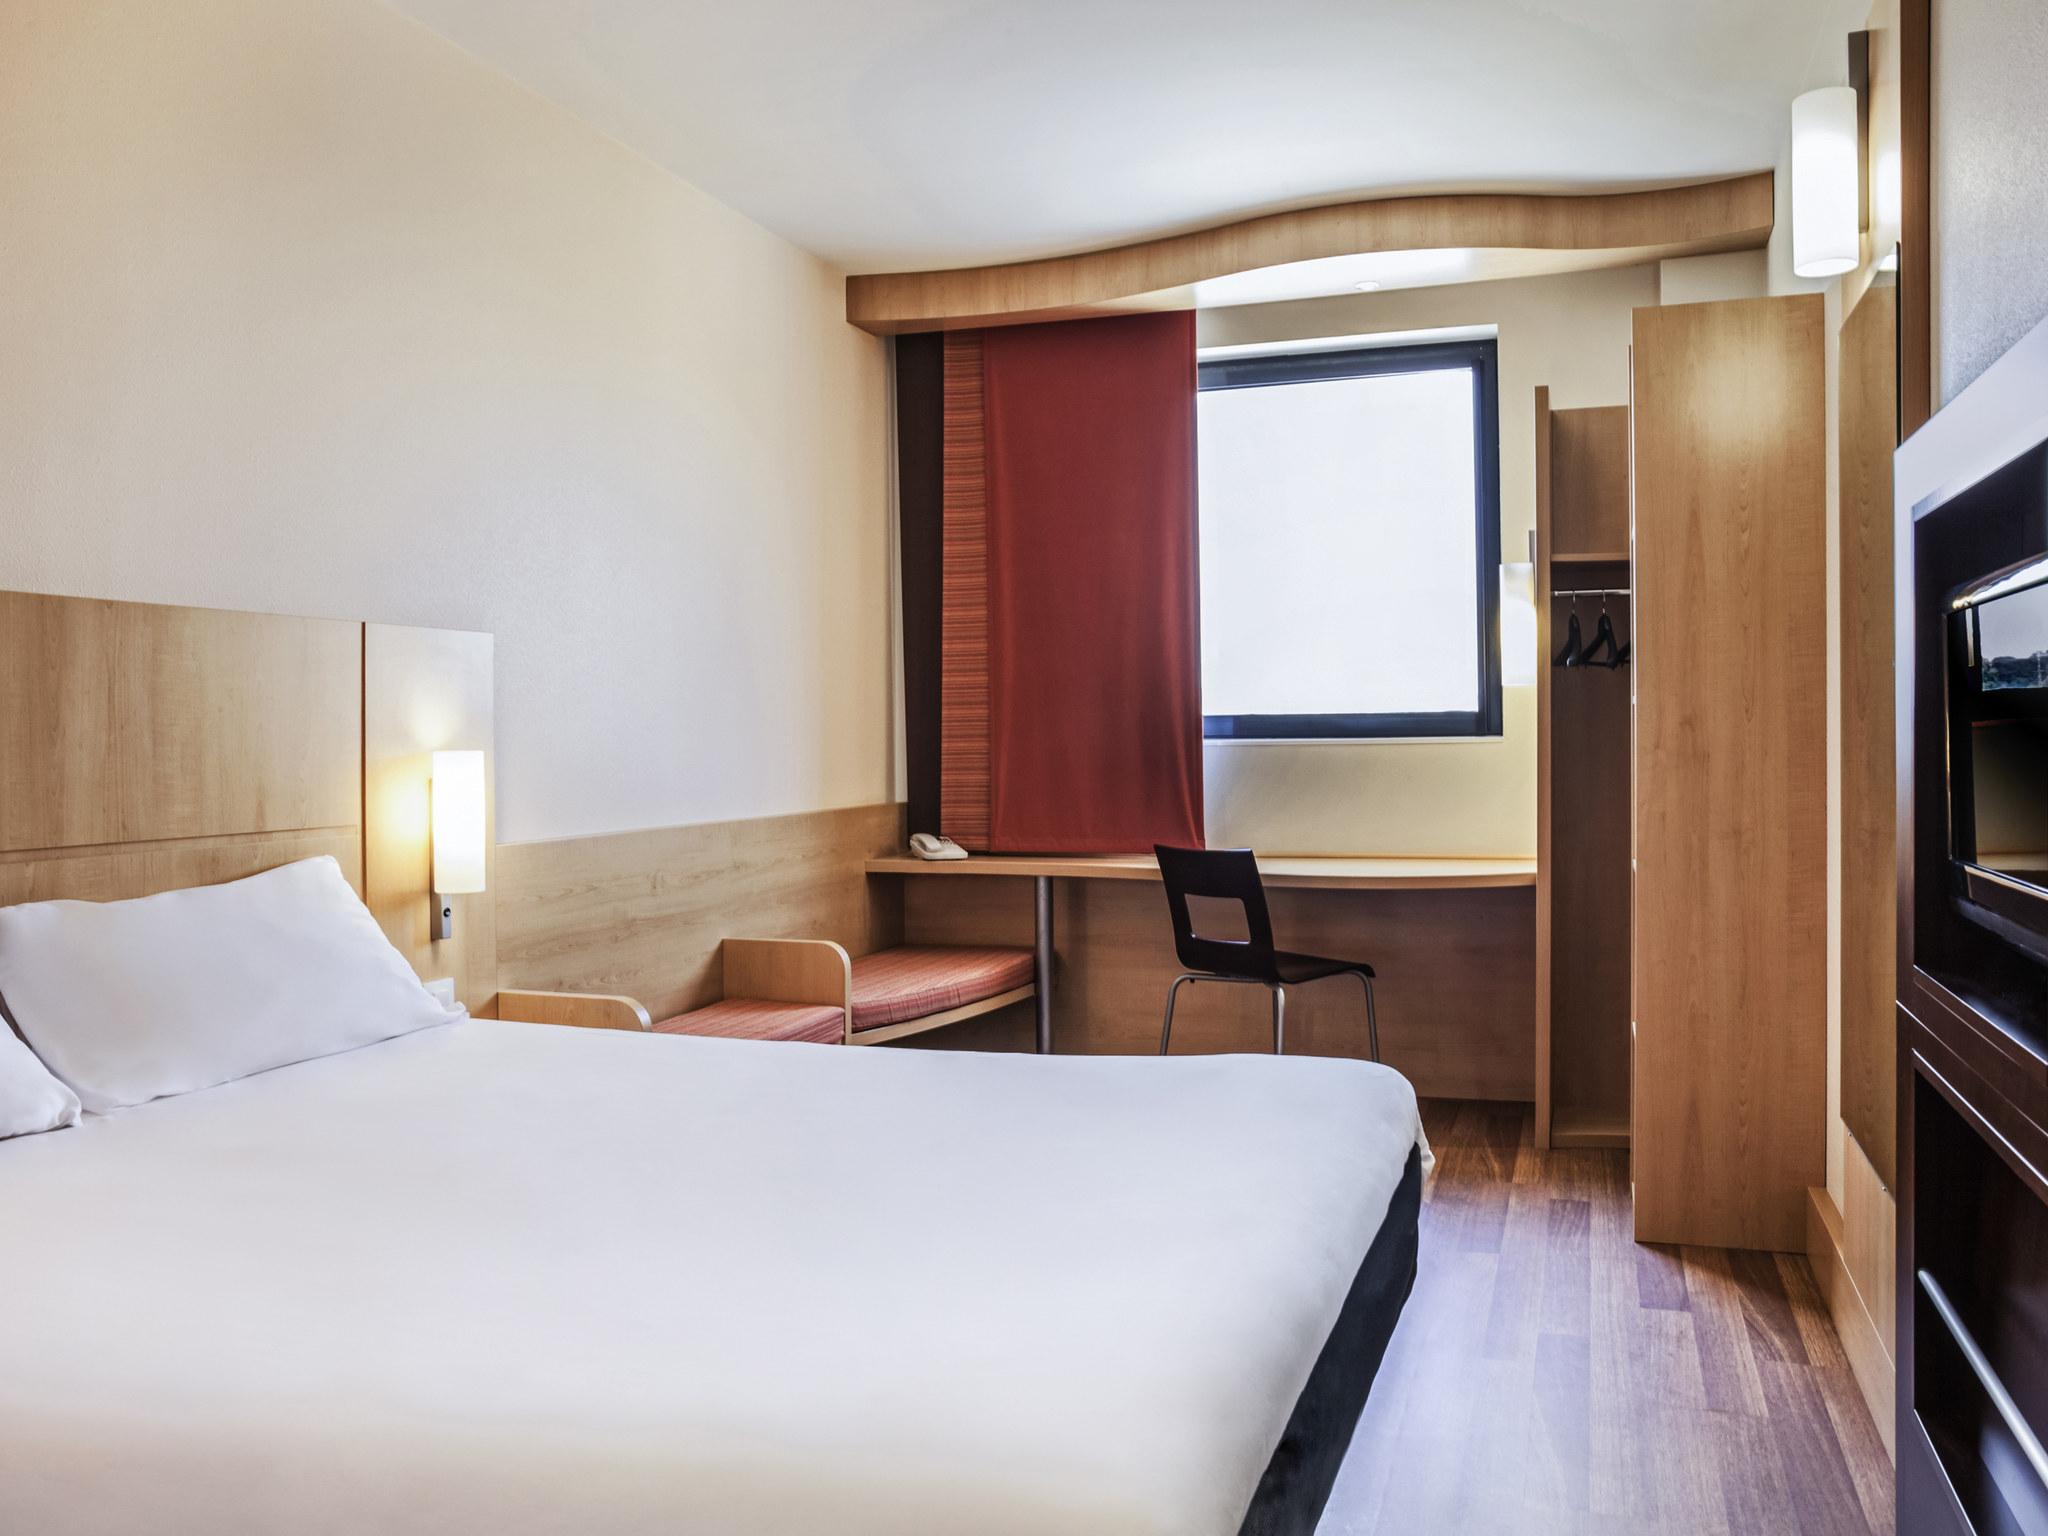 فندق - إيبيس ibis برسيلونه ريبوليت